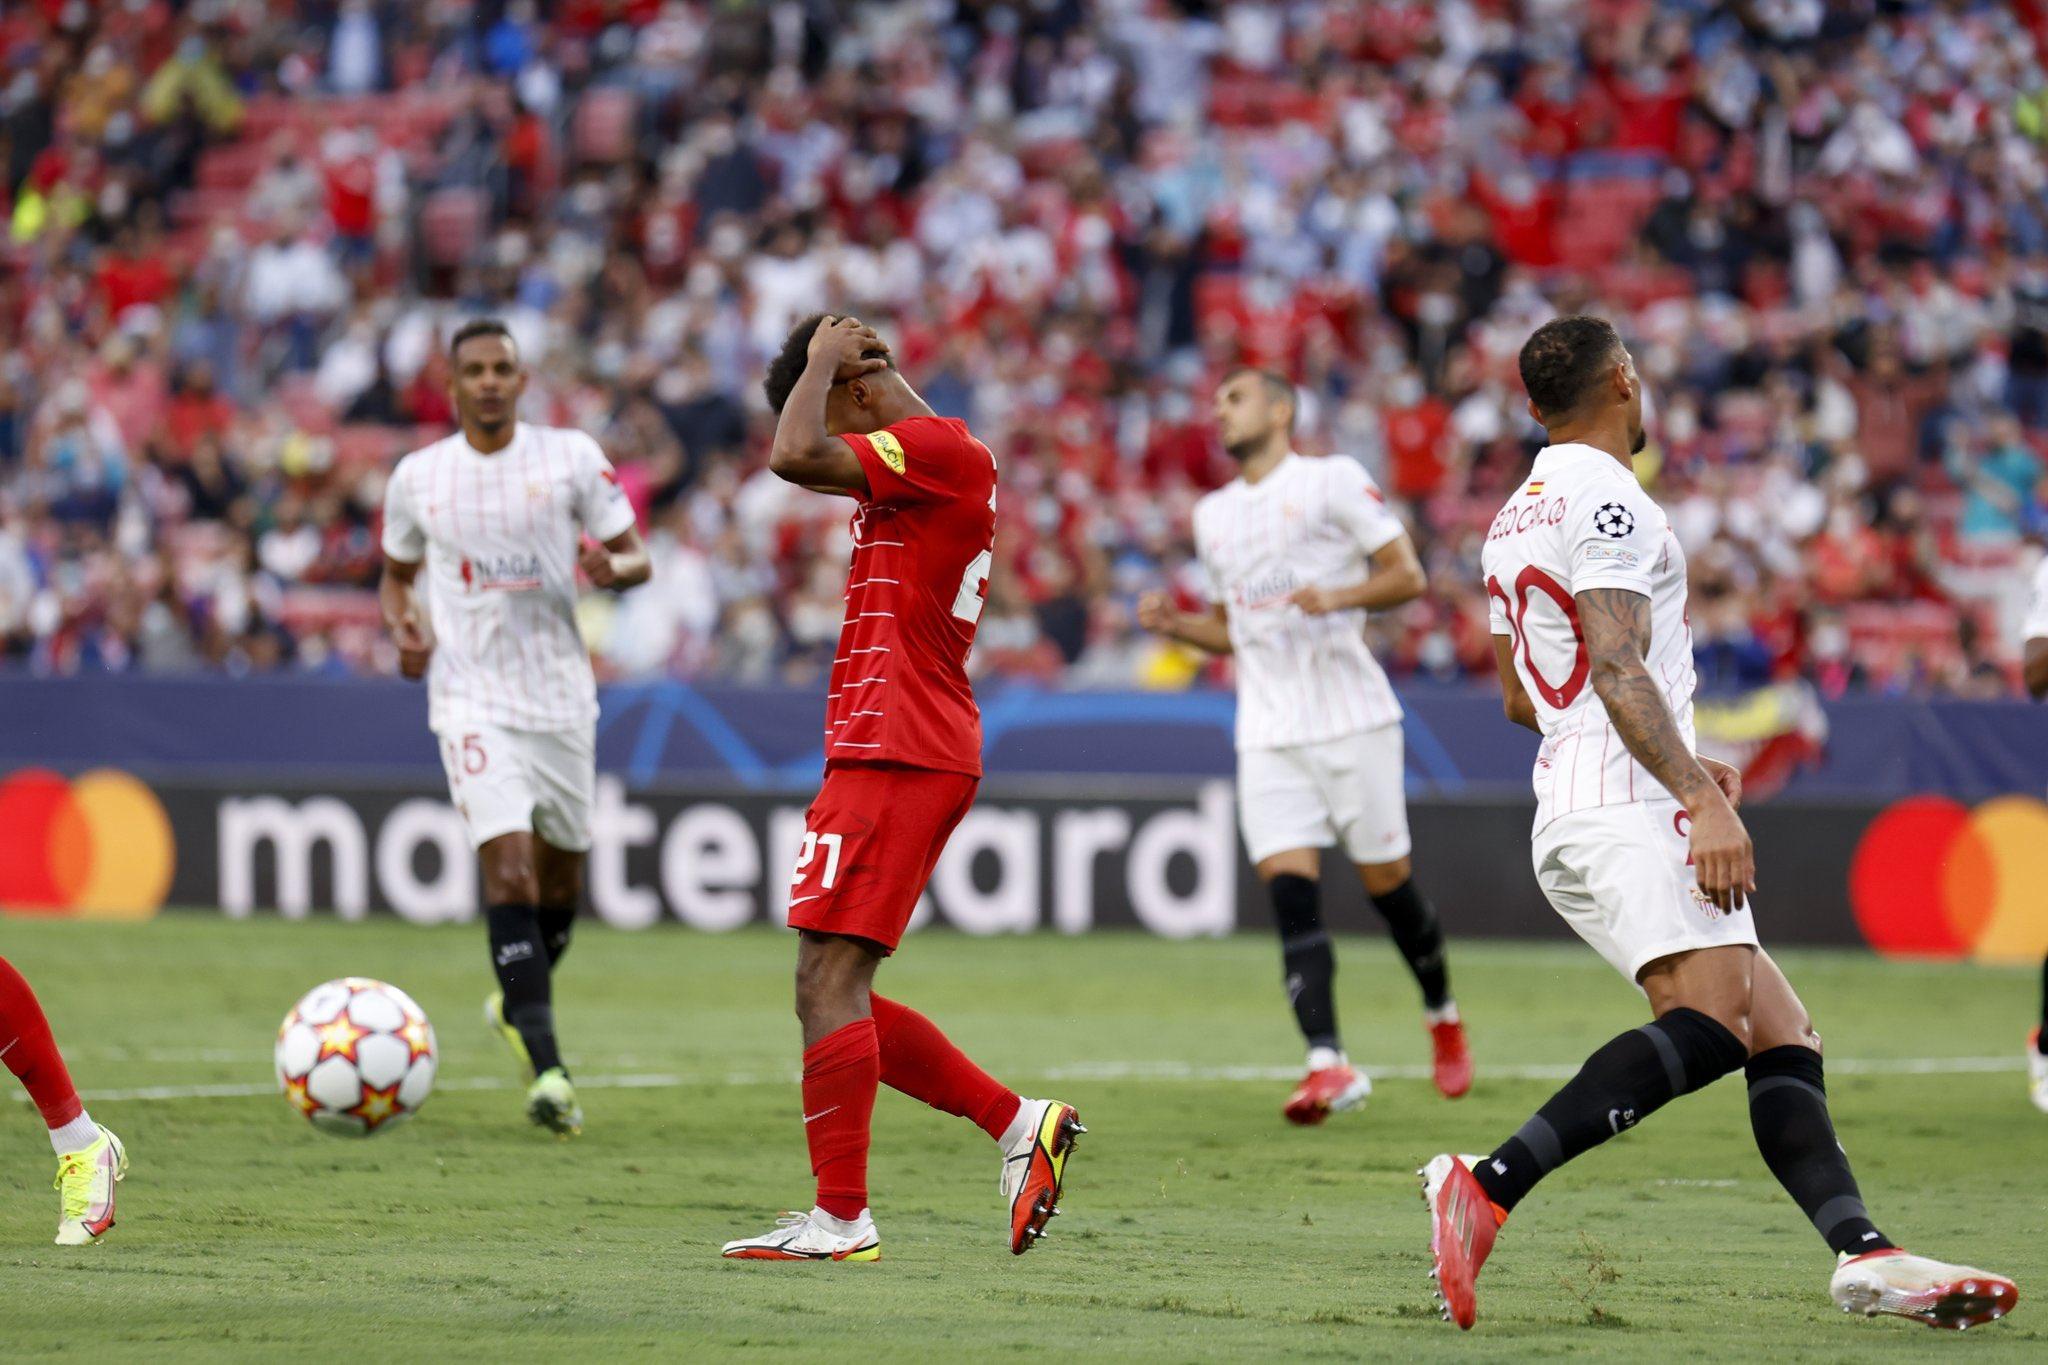 Sevilla hòa Salzburg với tỷ số 1-1 ngay trên sân nhà